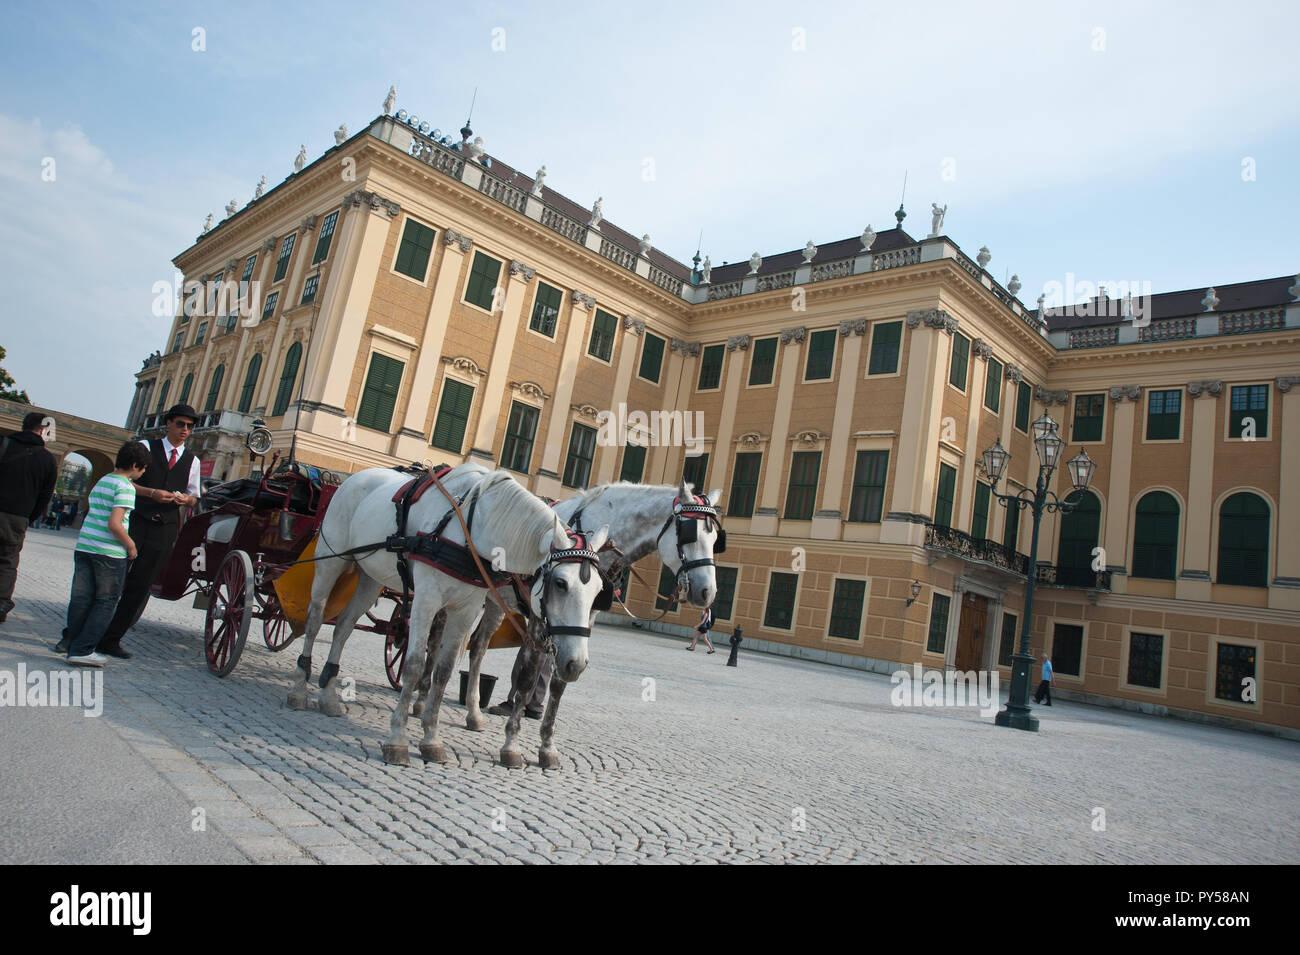 Wien, Schloß Schönbrunn, Ehrenhof, Fiaker - Vienna, Schoenbrunn Palace, Court of Honour - Stock Image